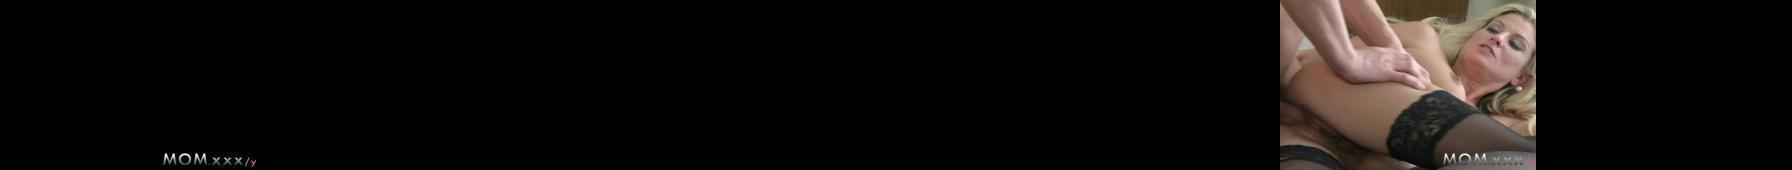 włochaty milf